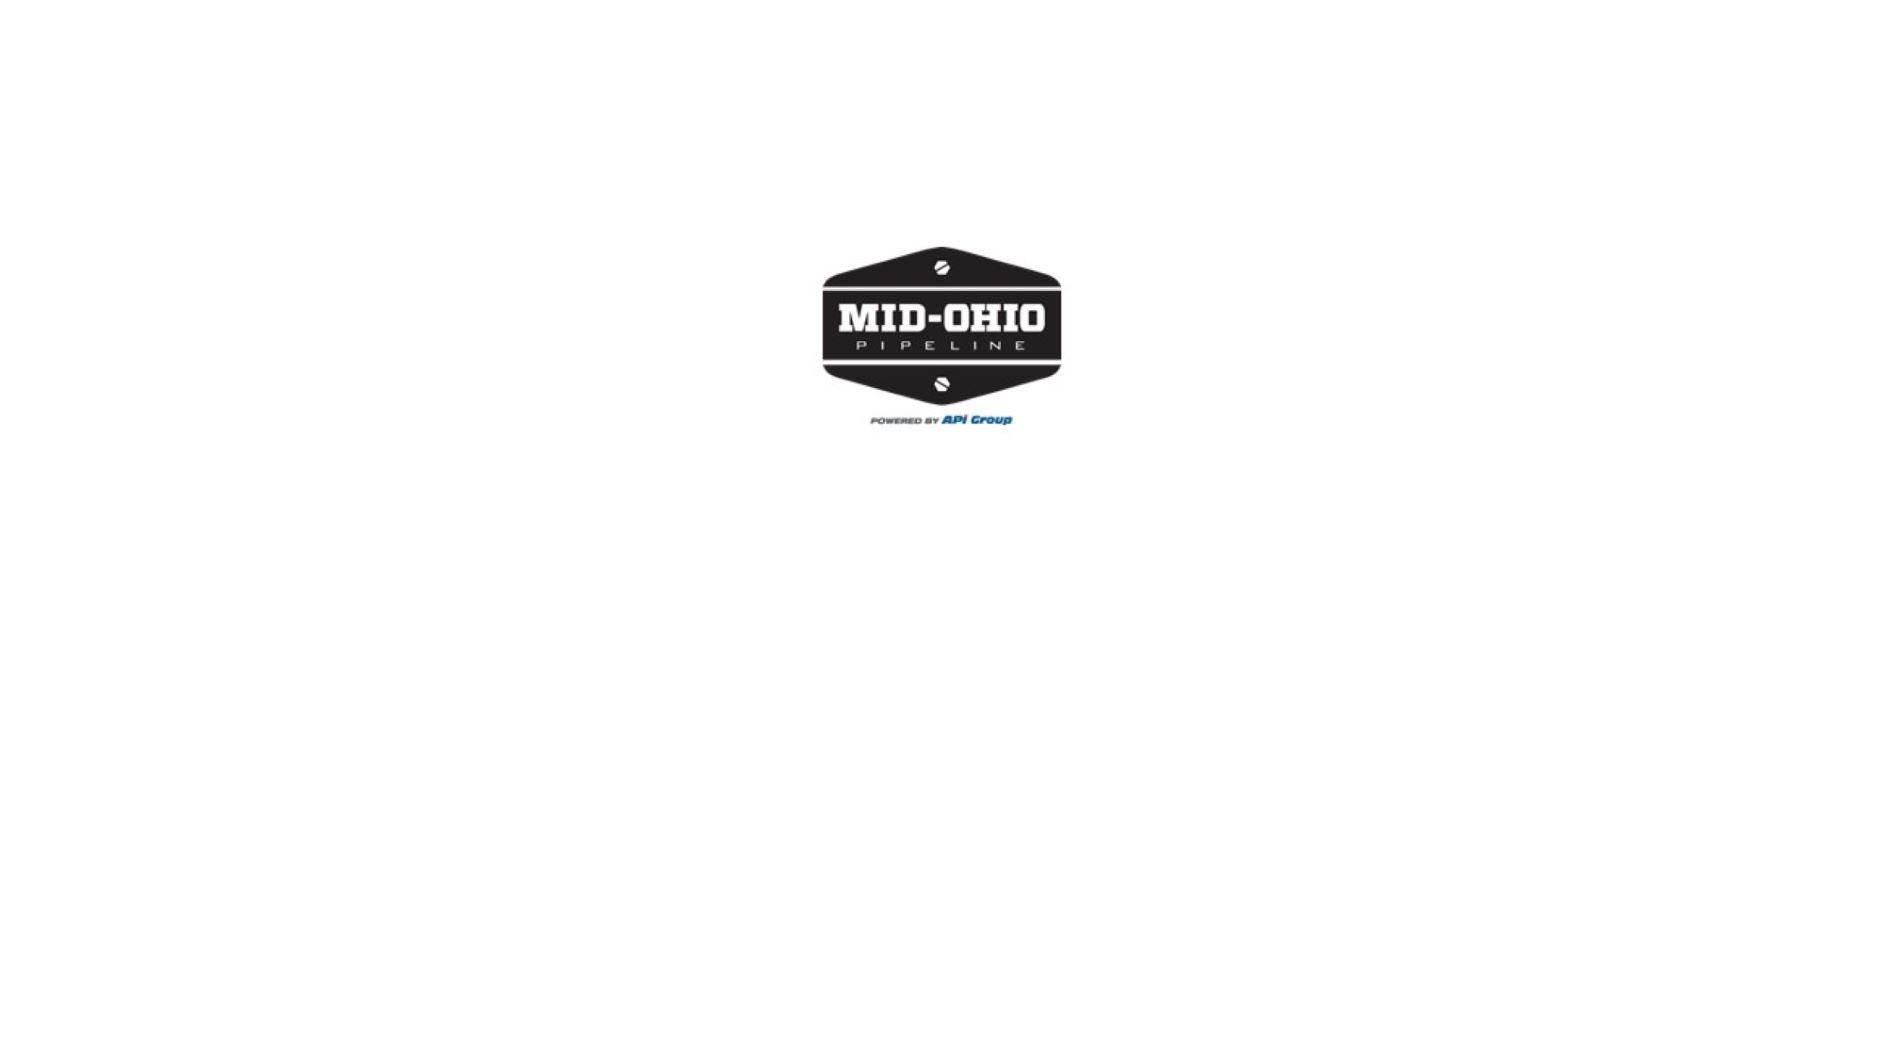 Mid-Ohio Pipeline Services logo